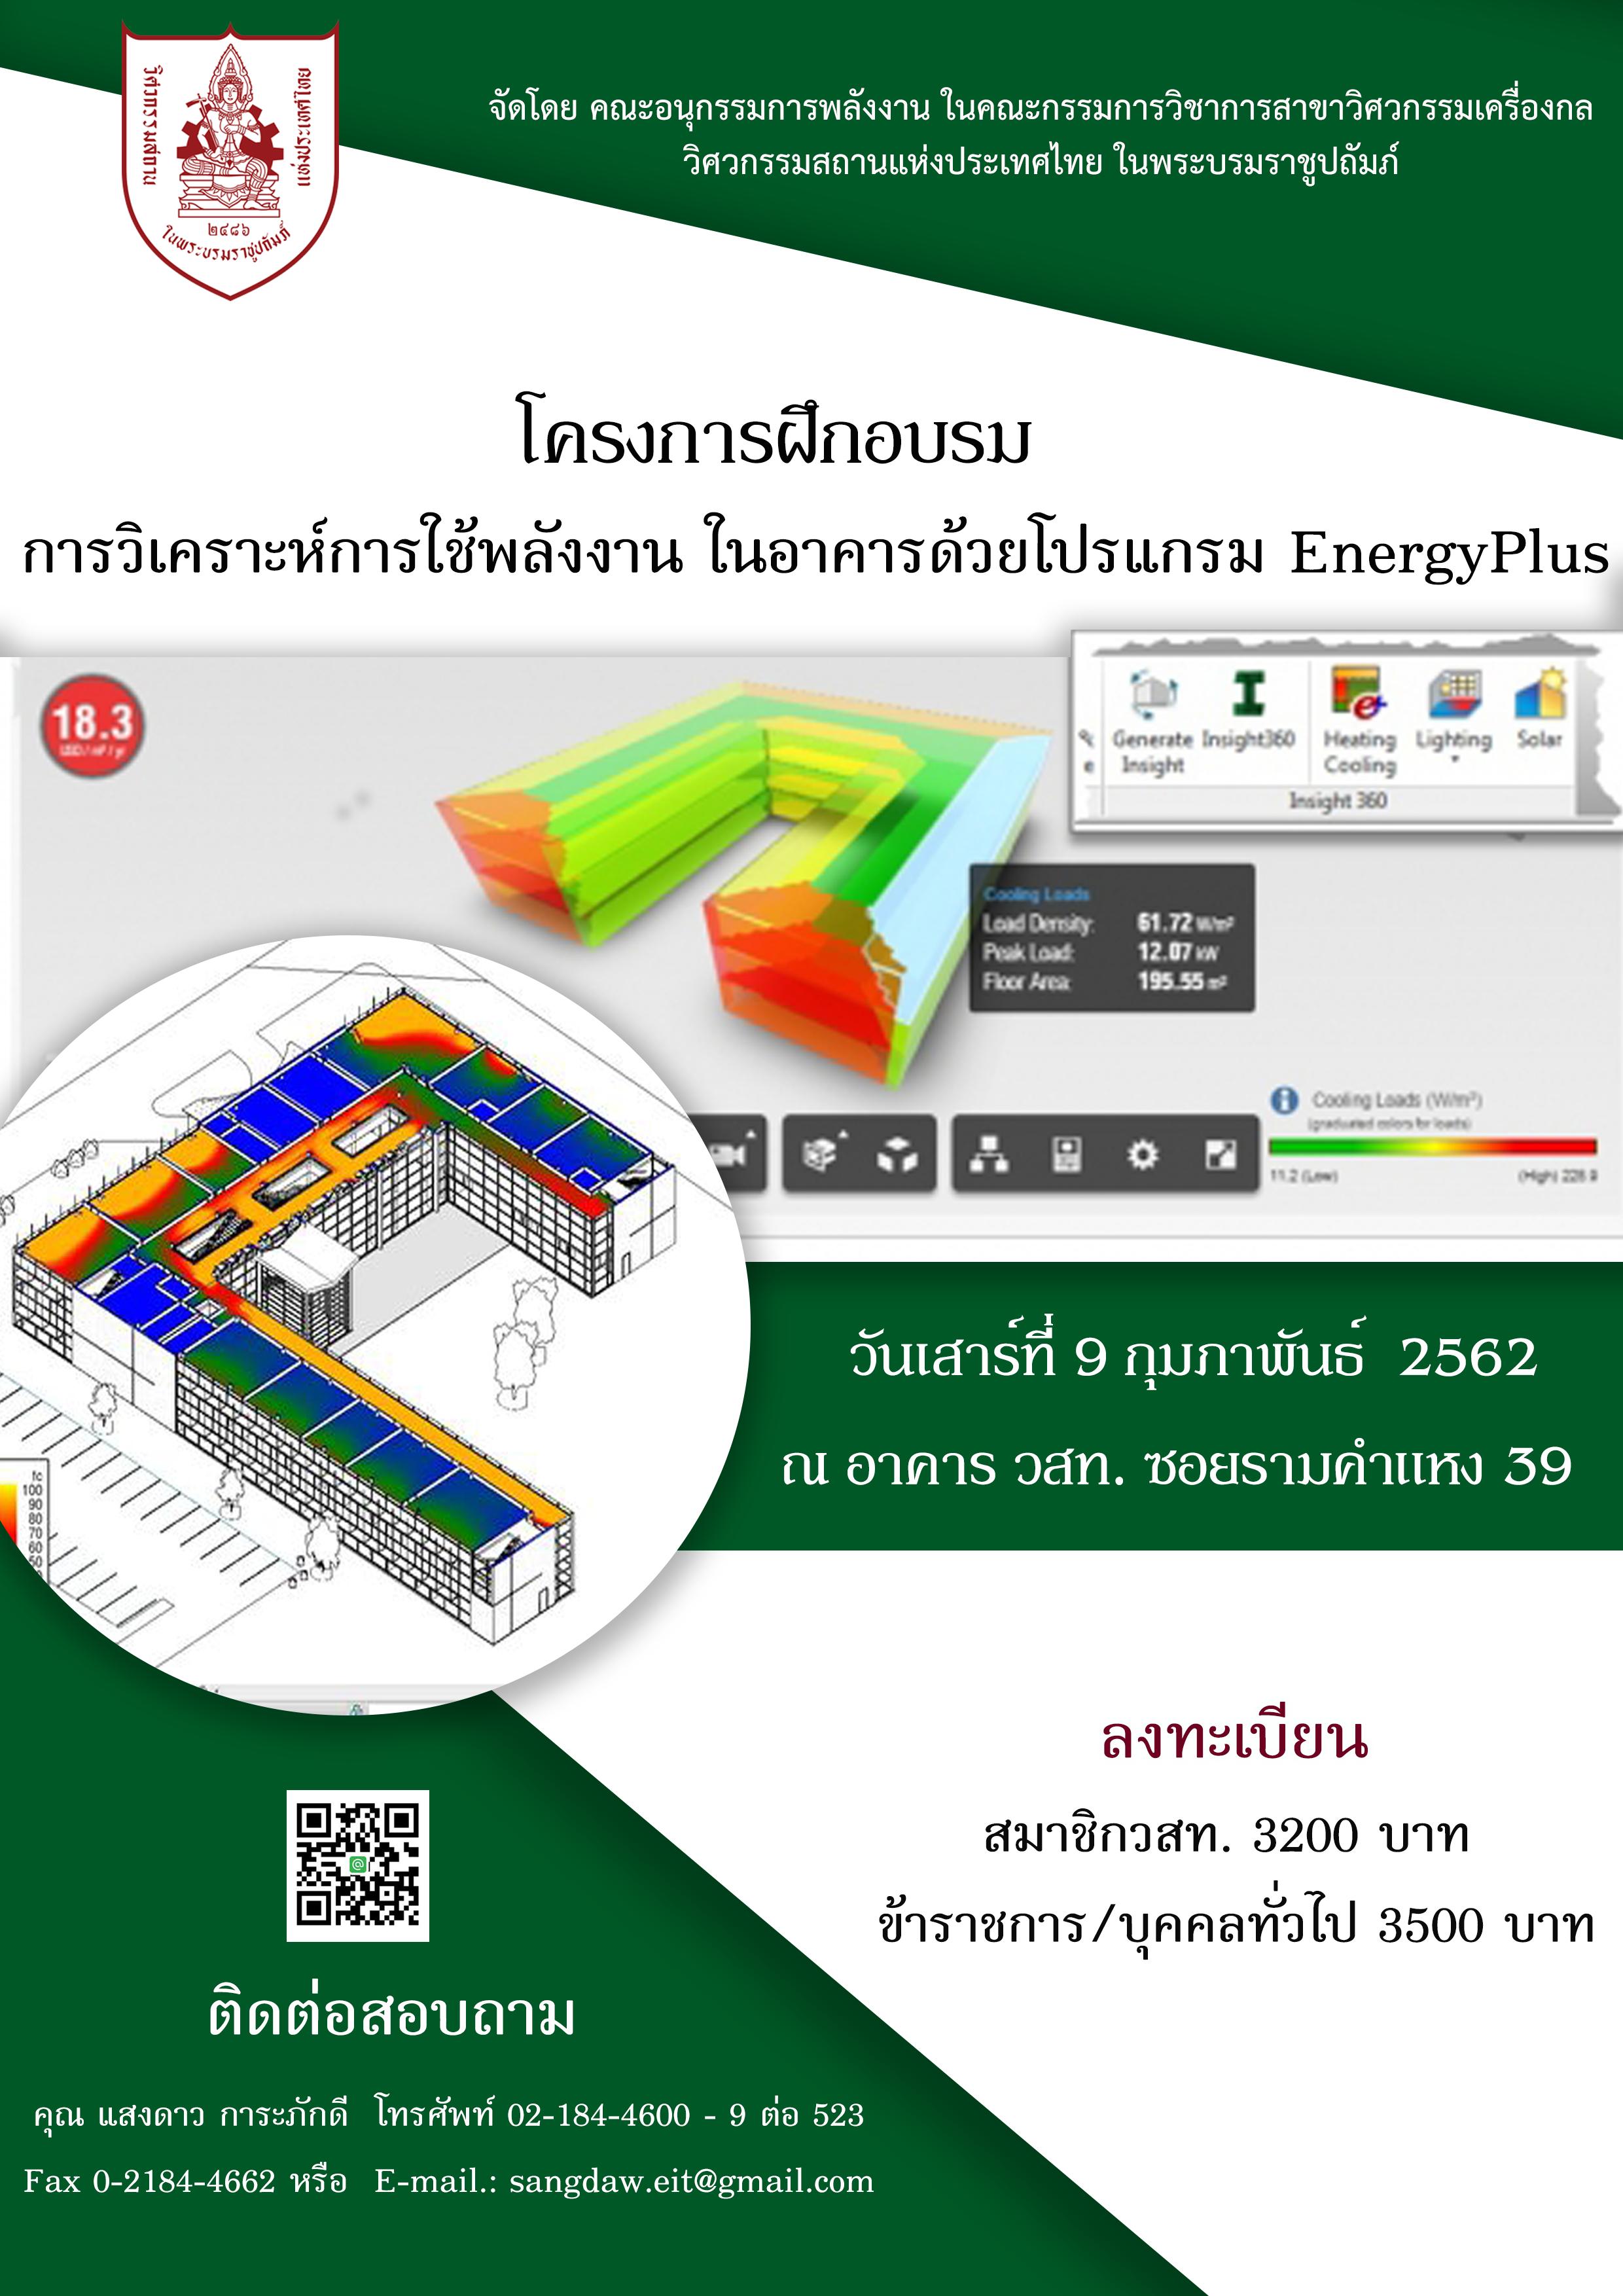 9/02/2562 โครงการฝึกอบรม การวิเคราะห์การใช้พลังงานในอาคารด้วยโปรแกรม EnergyPlus รุ่นที่ 2 ยกเลิก